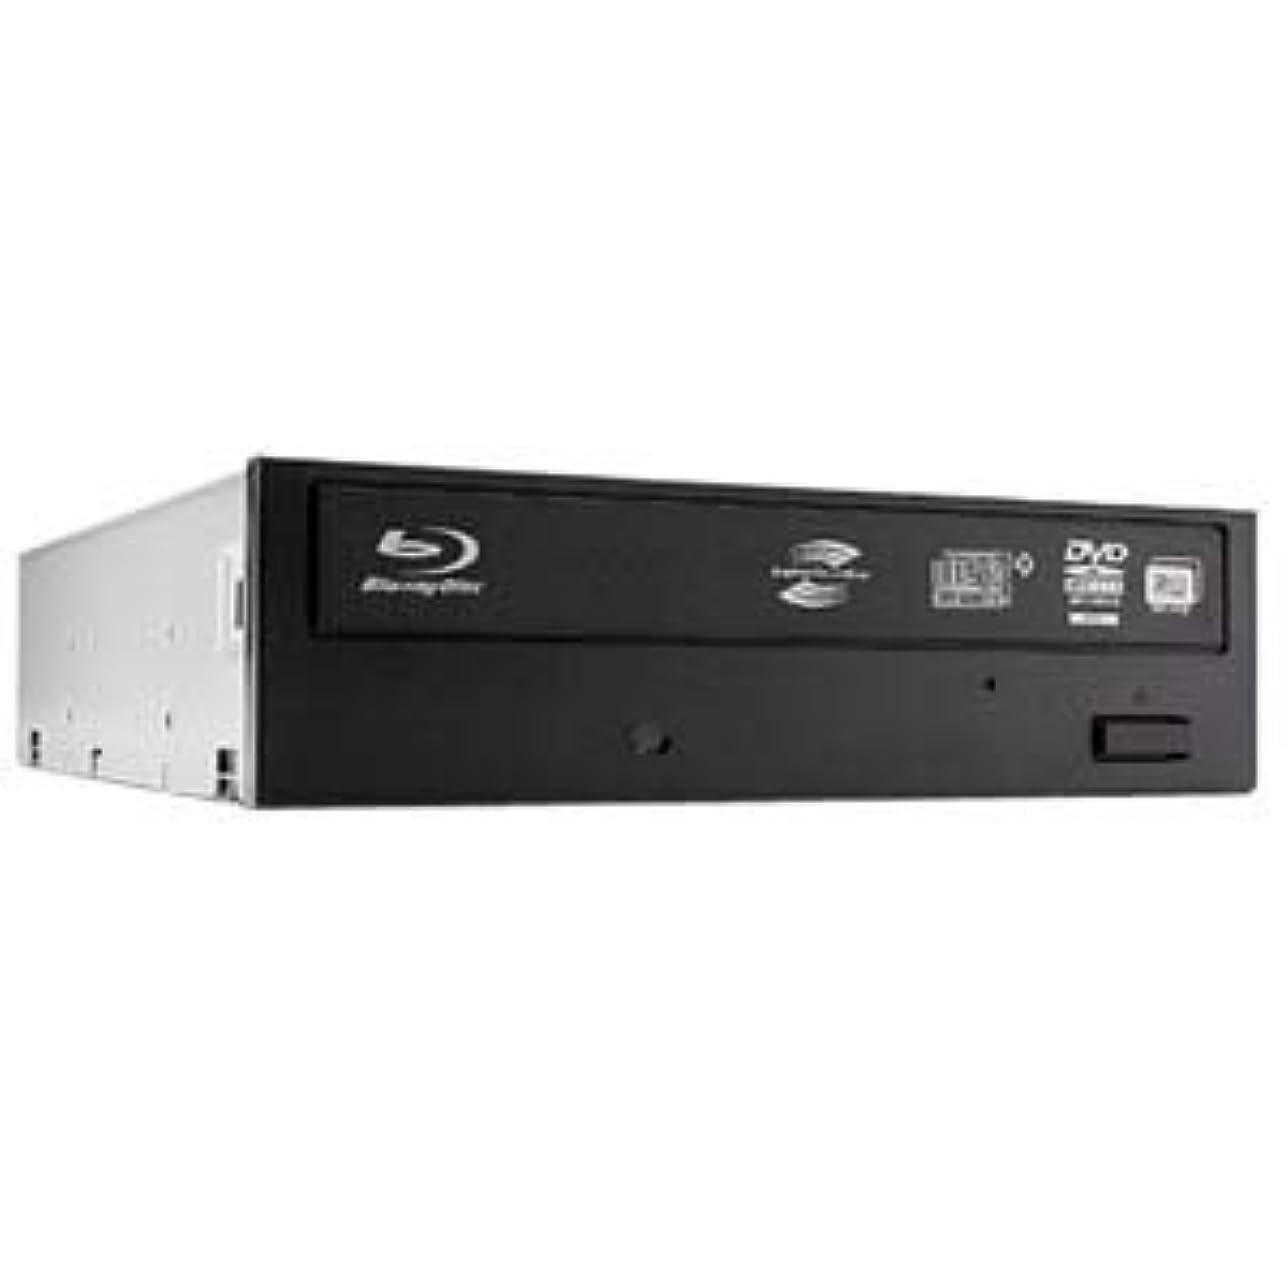 ロッドビル悪党HP DVD 6x/8X BD Wrt SMD LS ExtEj, 504941-004 [並行輸入品]